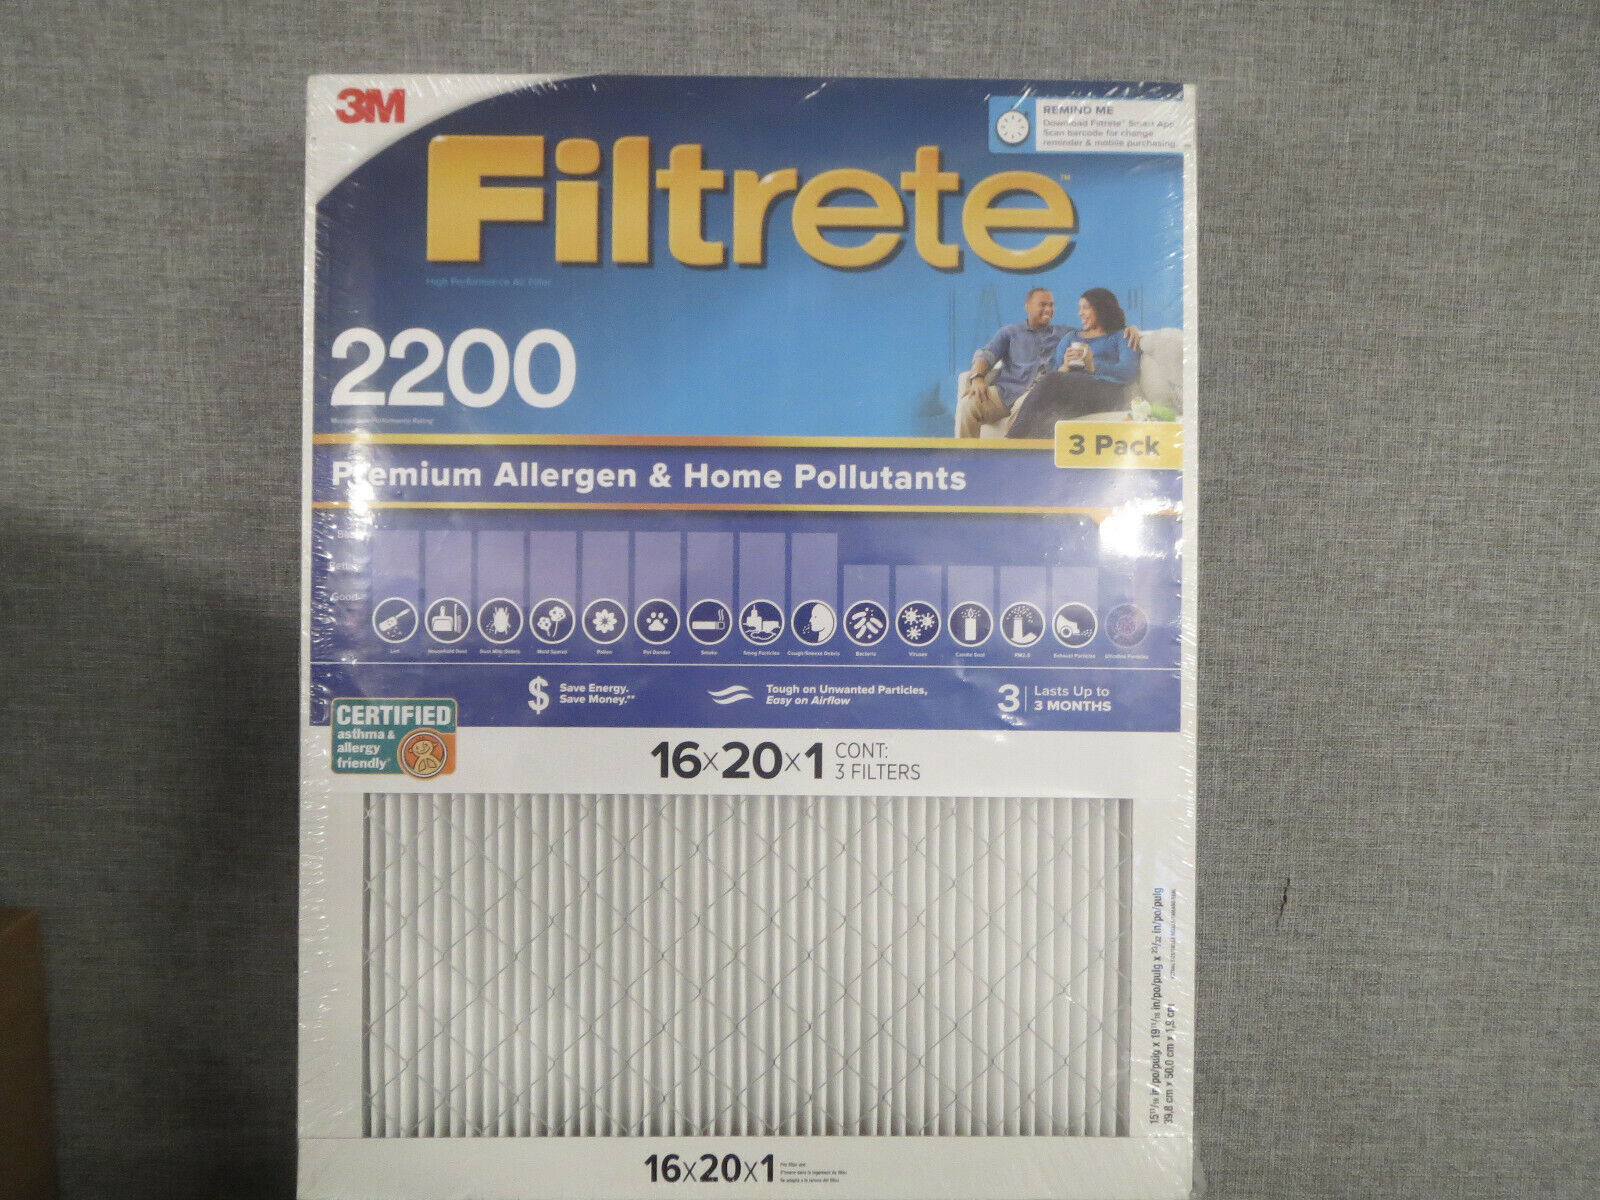 NEW 3 FILTRETE MPR 2200 20 X 25 X 1 PREMIUM ALLERGEN FILTER 3 PACK SEALED